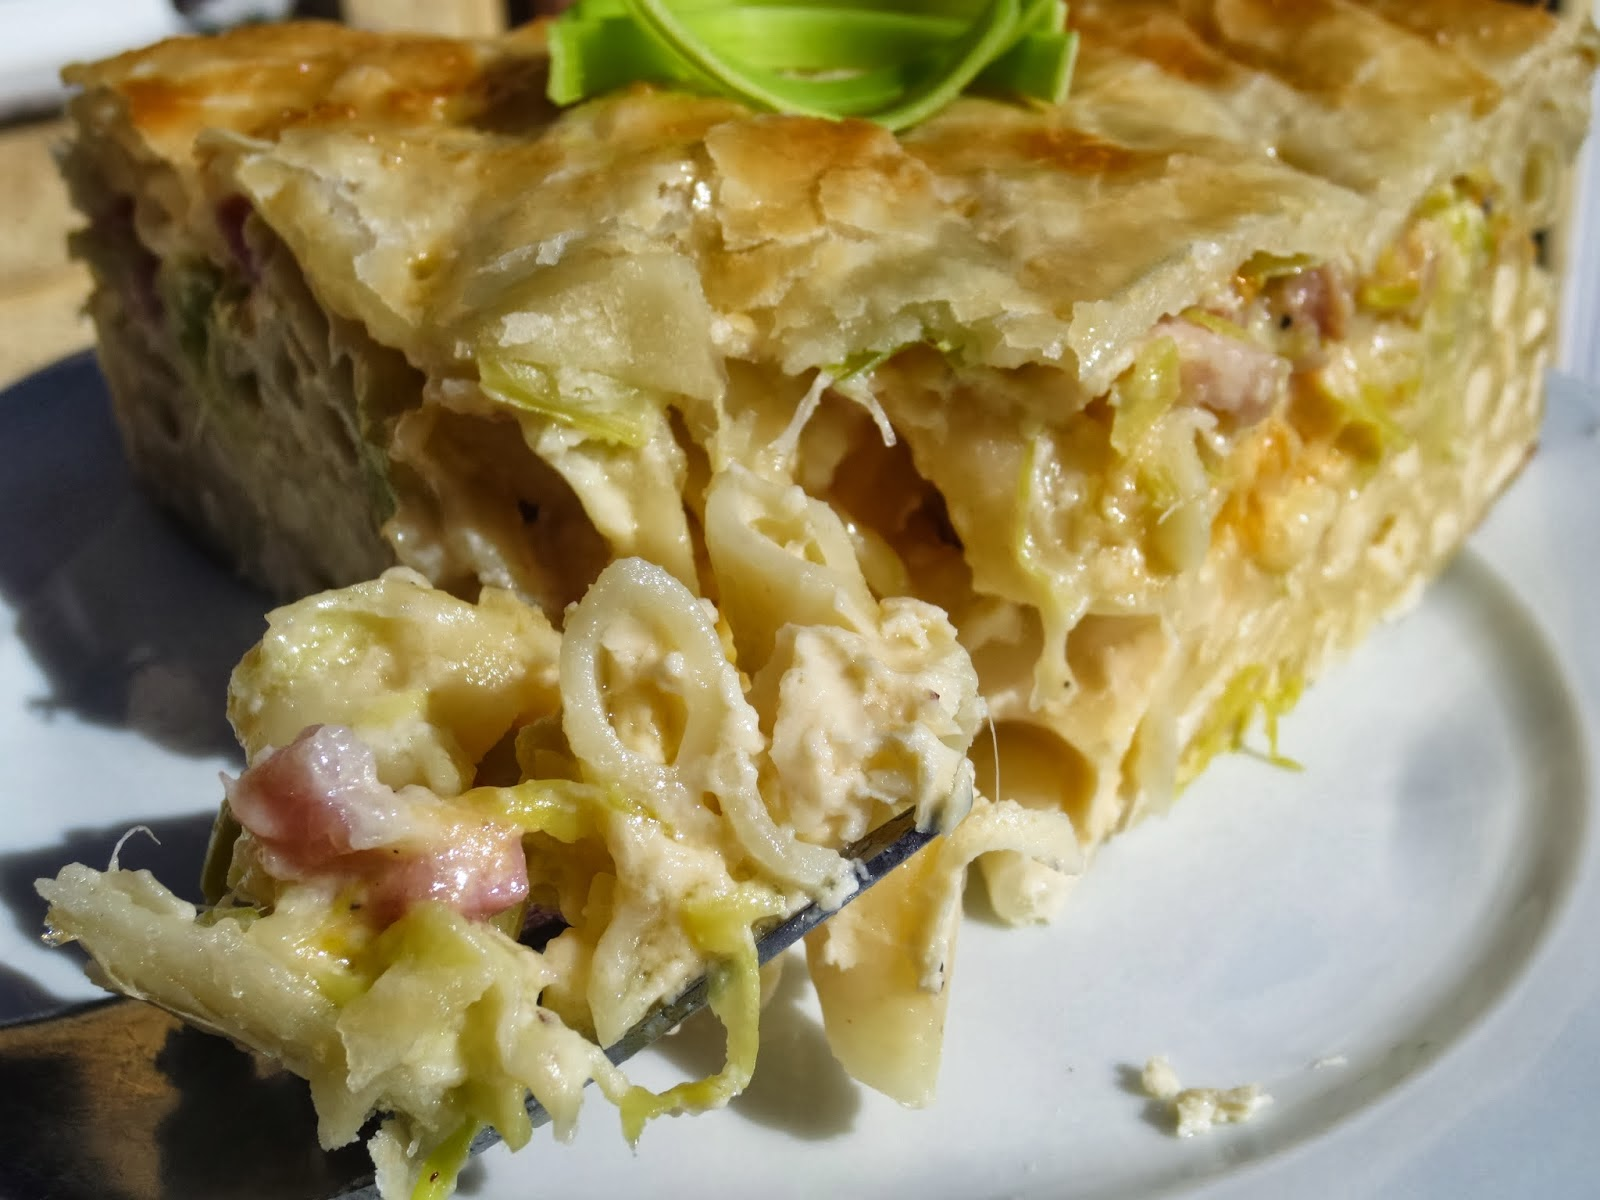 Pastel de macarrones a la carbonara Ana Sevilla cocina tradicional